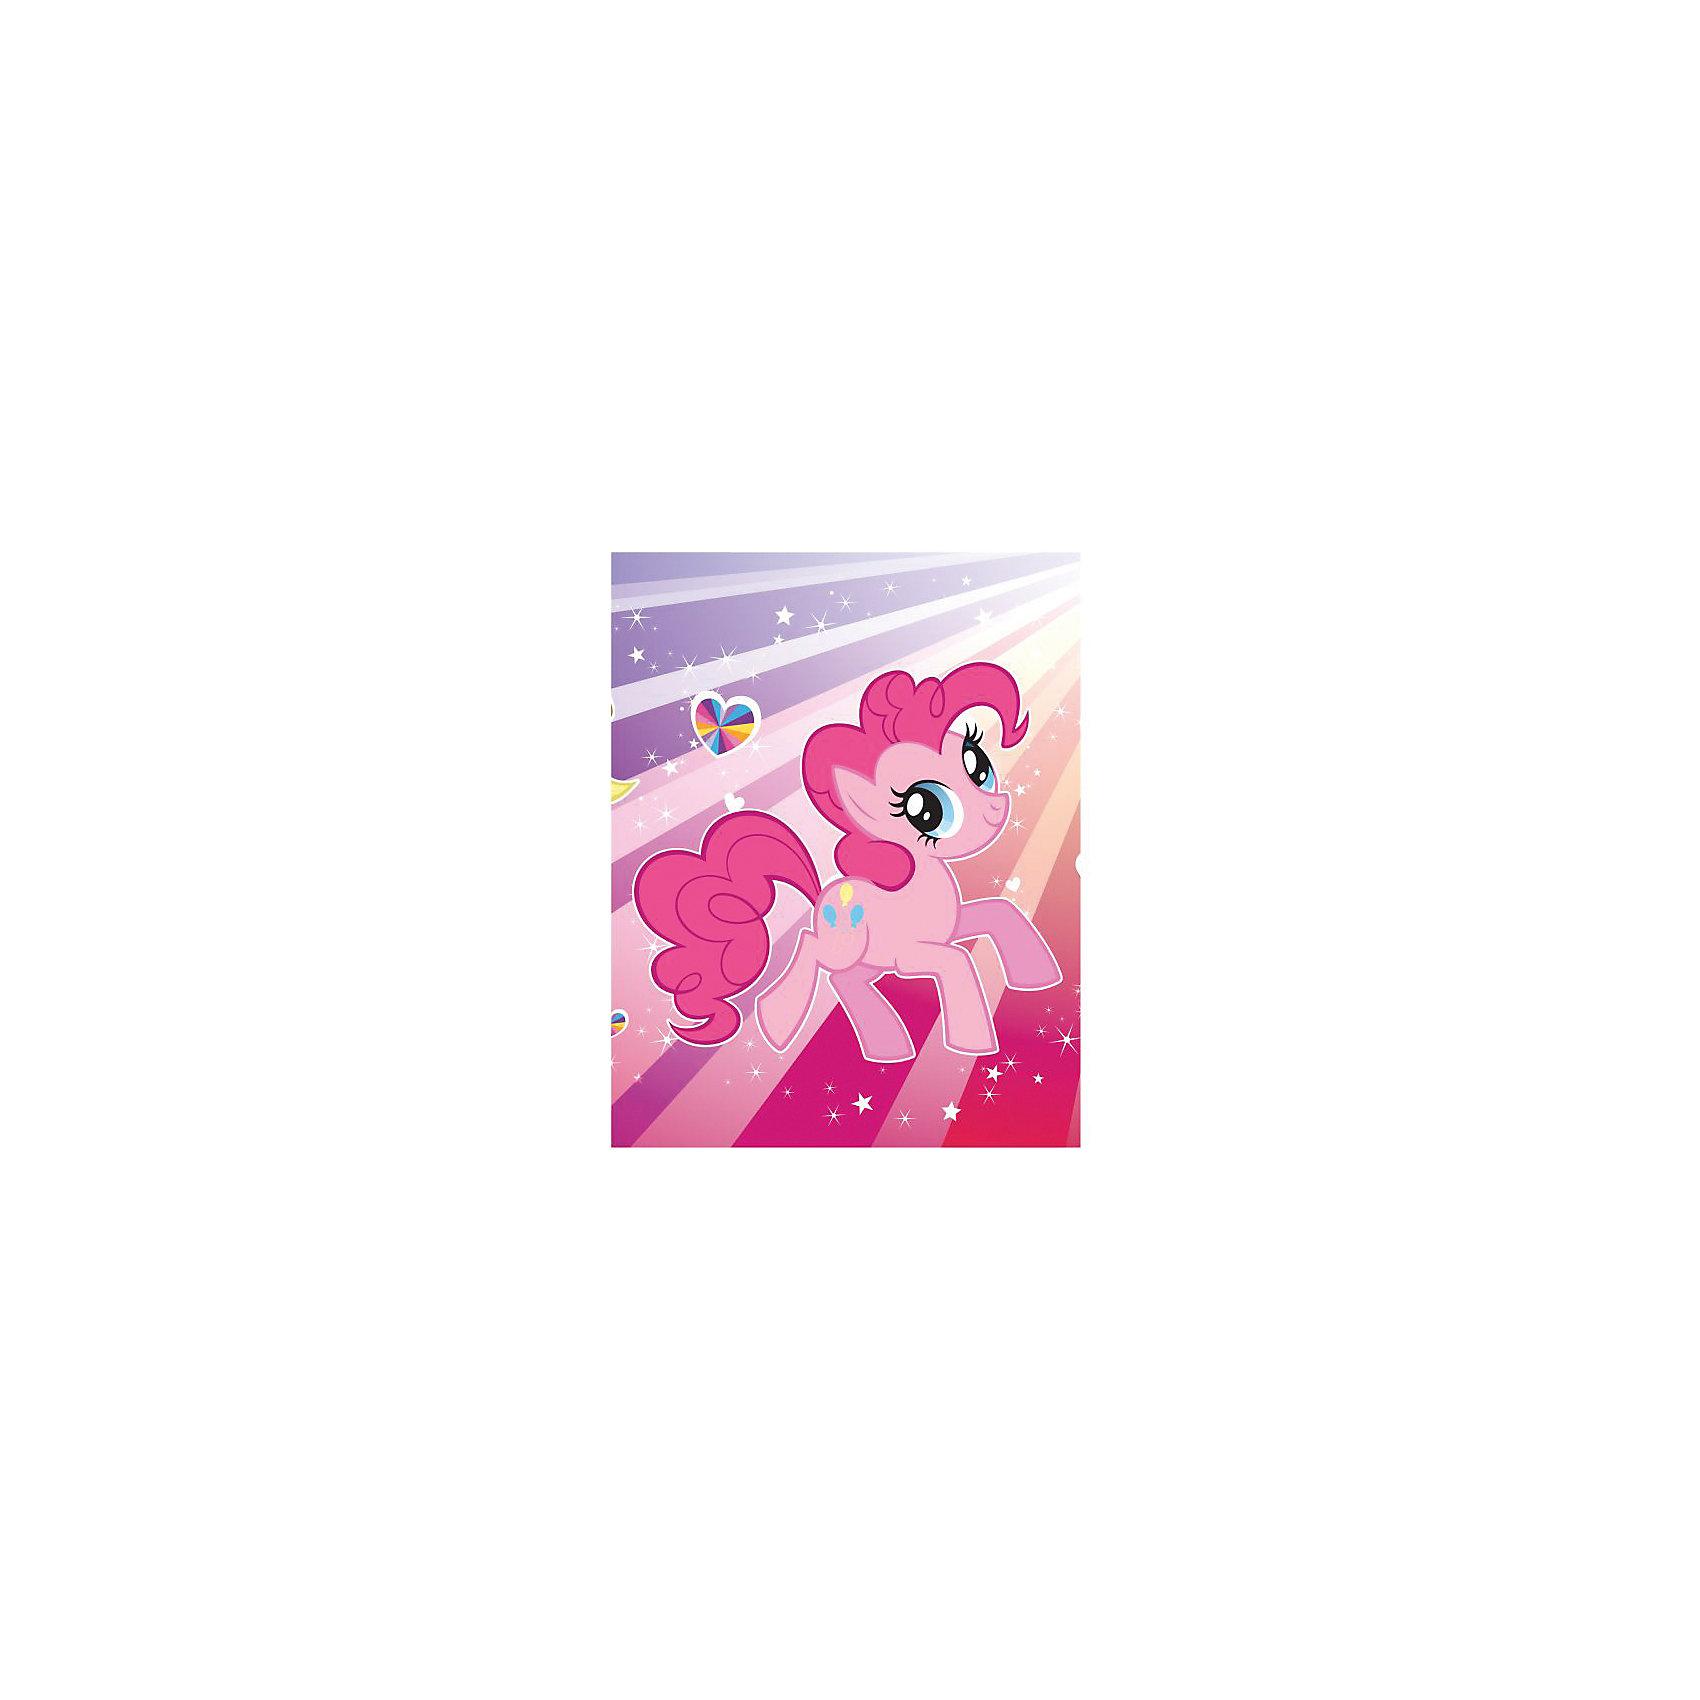 Скатерть My little pony 140х180 смНовинки для детской<br>Скатерть My little pony (Моя маленькая пони) 140х180 см - отлично подойдет для сервировки праздничного стола!<br>Скатерть с крупным изображением пони Пинки Пай порадует юных поклонниц популярнейшего мультфильма My Little Pony. Такой яркий и стильный аксессуар украсит любой праздник и создаст яркую и сказочную атмосферу за детским столом! Скатерть сделана из ПВХ, ее легко мыть после использования. В нашем магазине можно также дополнительно приобрести бумажные стаканы из этой серии.<br><br>Дополнительная информация:<br><br>- Размер: 140 х 180 см.<br>- Материал: ПВХ<br><br>Скатерть My little pony (Моя маленькая пони) 140х180 см можно купить в нашем интернет-магазине.<br><br>Ширина мм: 220<br>Глубина мм: 10<br>Высота мм: 290<br>Вес г: 90<br>Возраст от месяцев: 24<br>Возраст до месяцев: 144<br>Пол: Женский<br>Возраст: Детский<br>SKU: 4254591